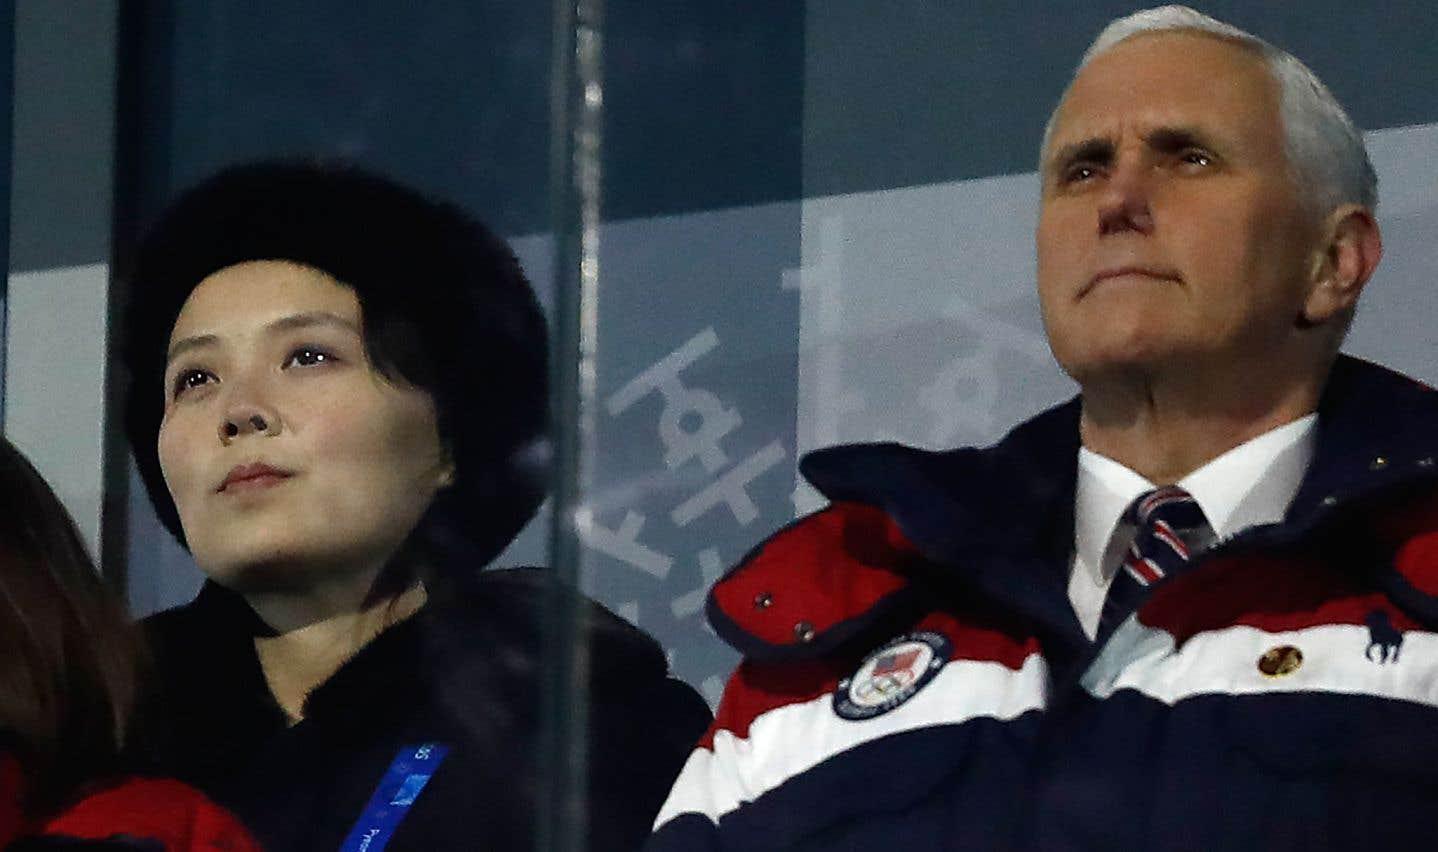 Le vice-président américain, Mike Pence, et Kim Yo Jong, la sœur de Kim Jong Un, lors de la cérémonie d'ouverture des Jeux olympiques d'hiver de 2018 à Pyeongchang.